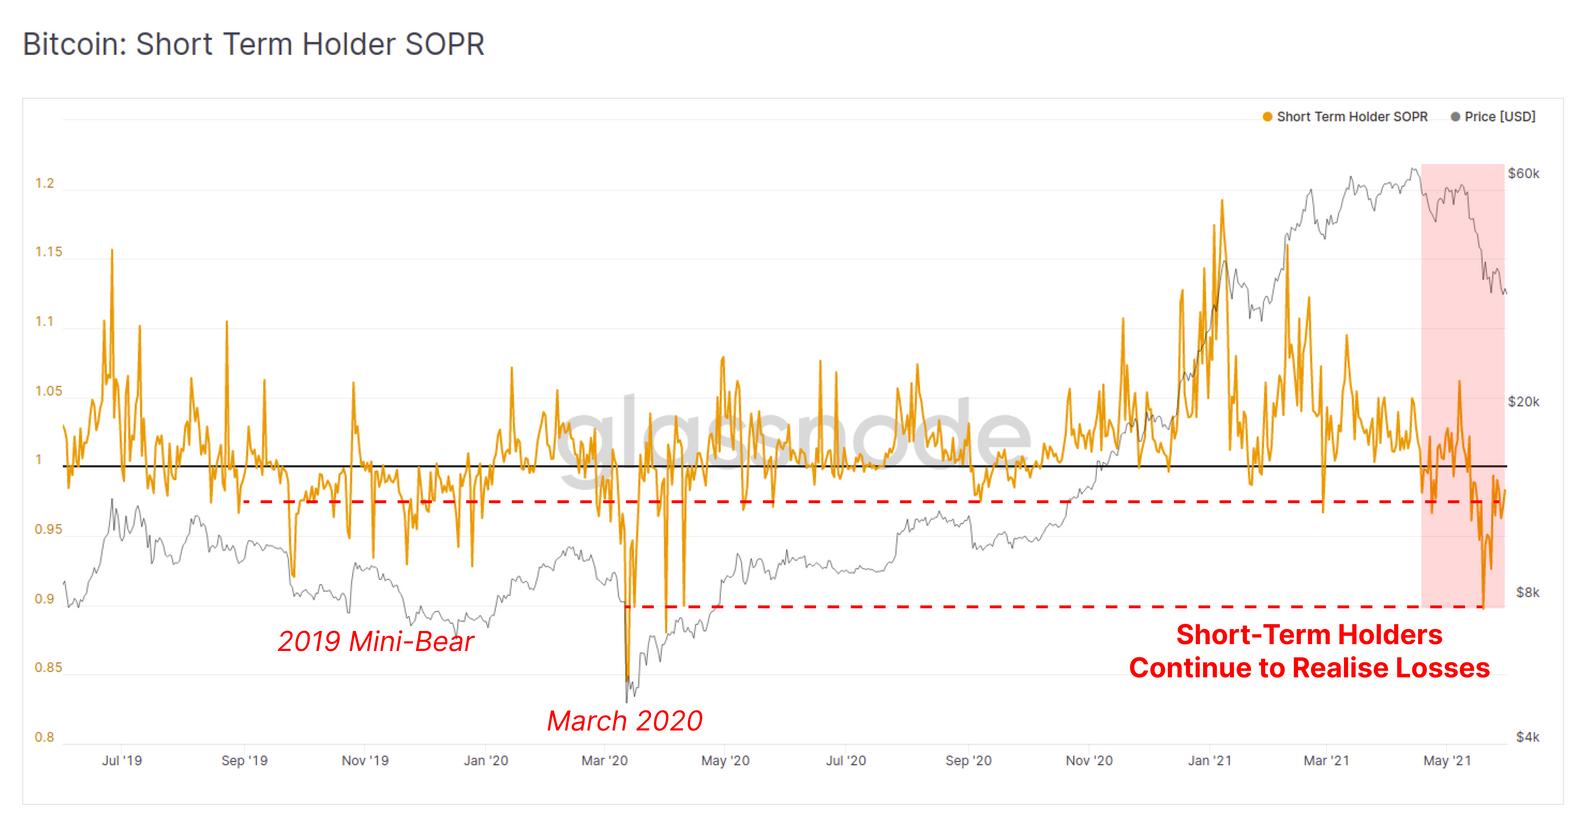 SOPR dei detentori di Bitcoin a breve termine. Fonte: Glassnode